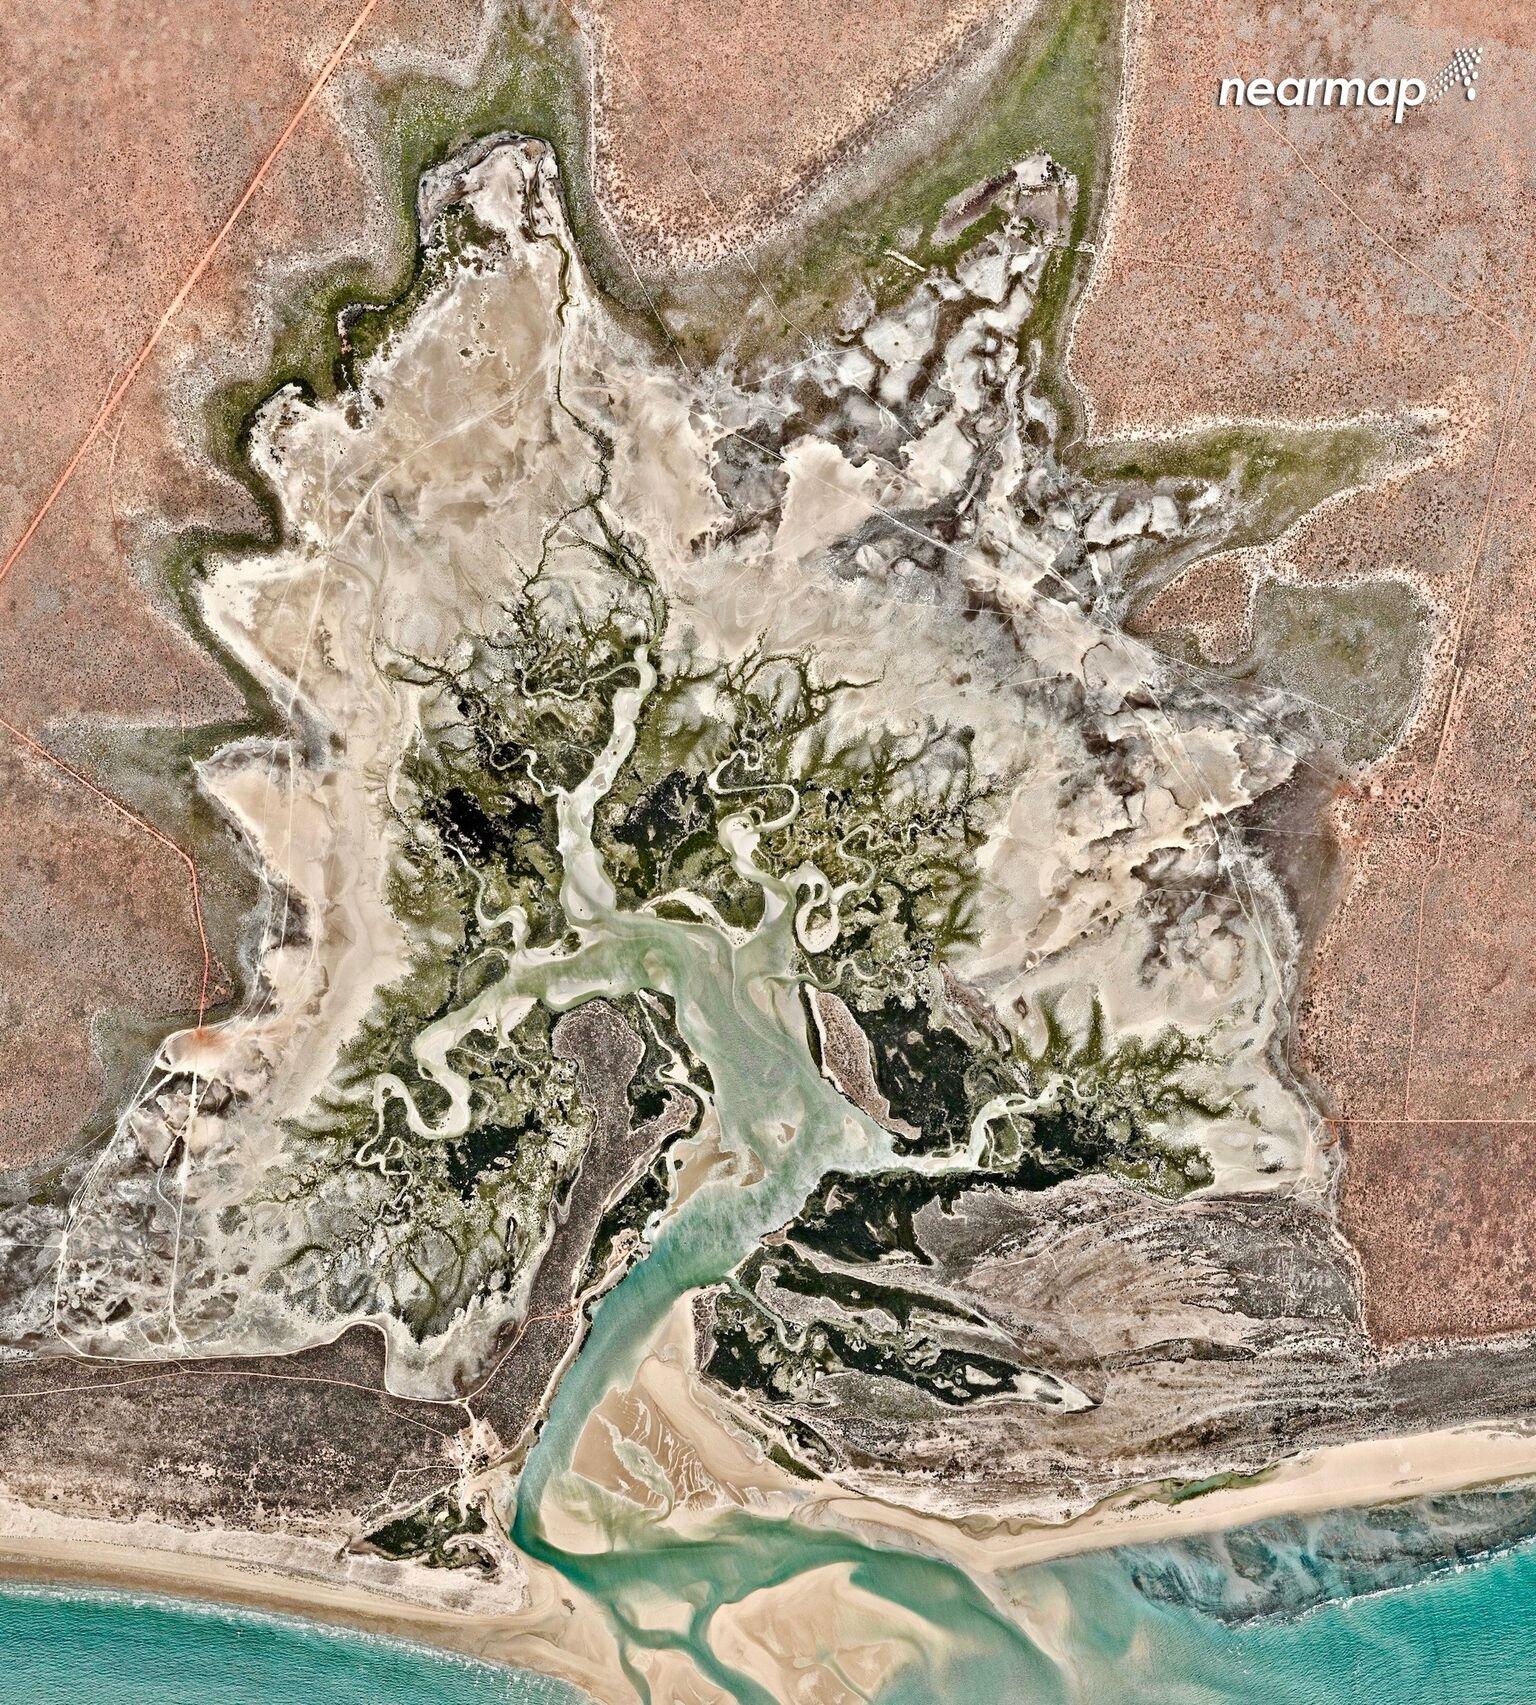 4. Broome WA - 10 bức ảnh tuyệt đẹp cho bạn góc nhìn 'lạ' về nước Úc bạn chưa từng thấy trước đây